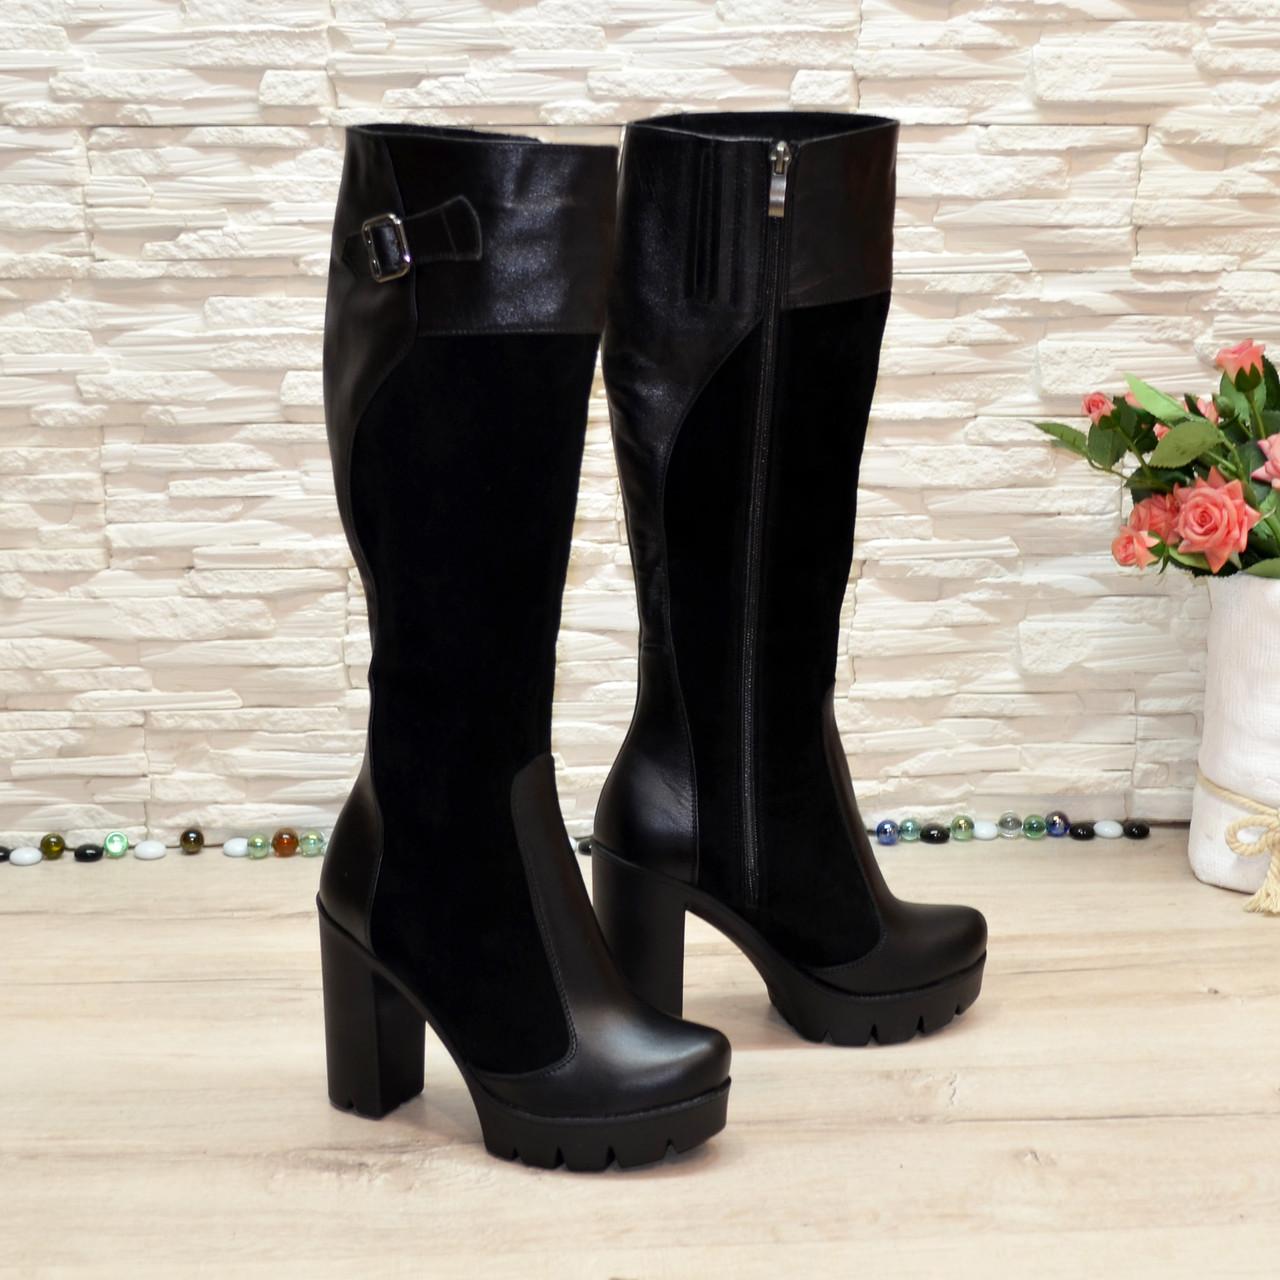 Сапоги женские весенние комбинированные замша и кожа, на высоком каблуке.